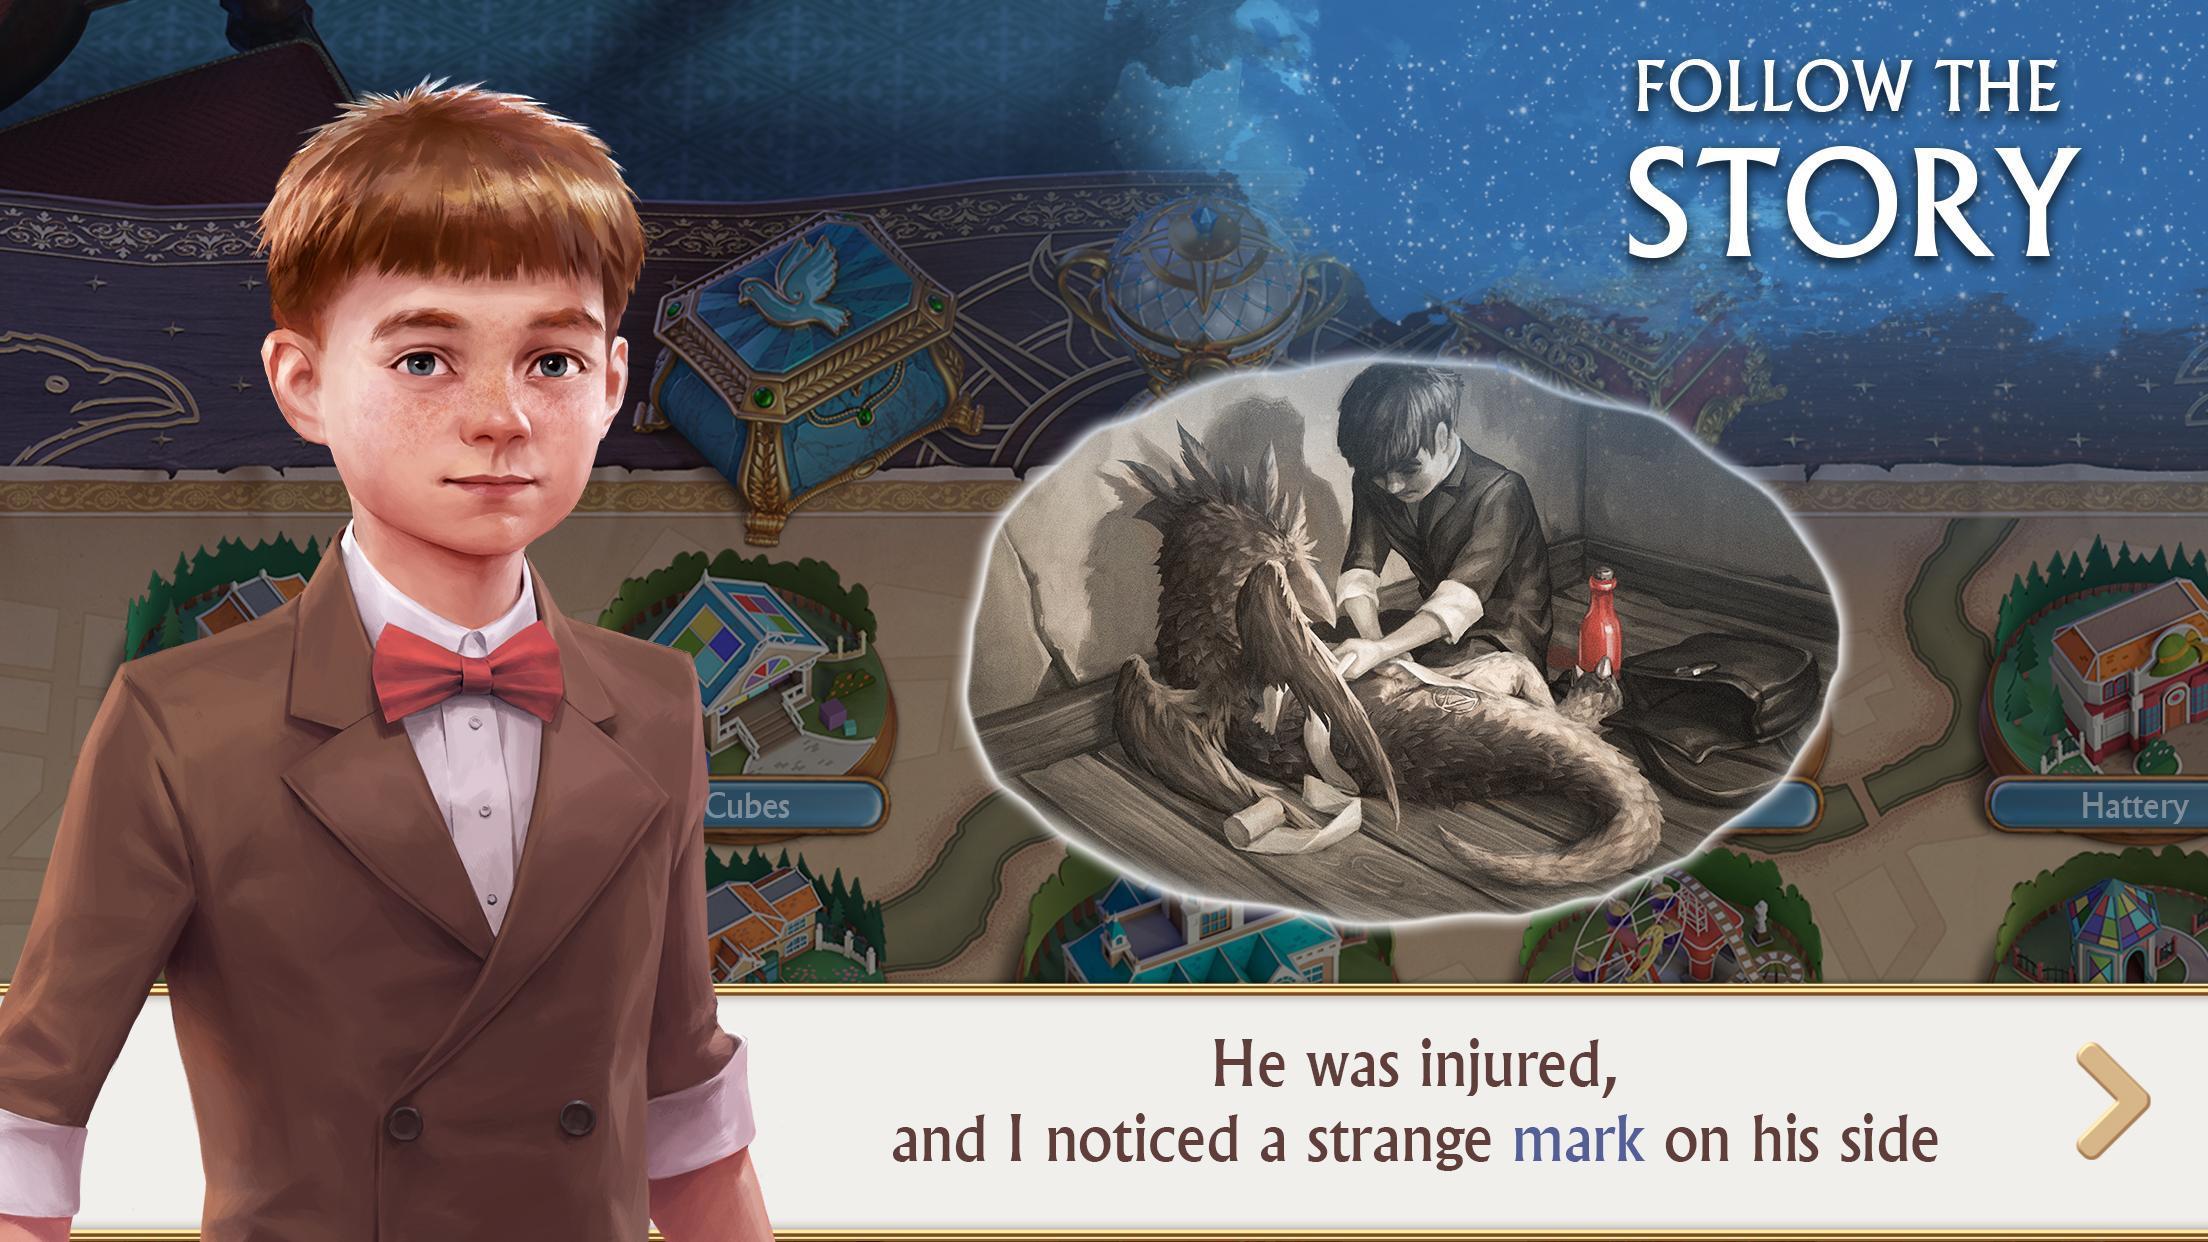 Ravenhill®: Hidden Mystery - Match-3 with a Story 2.21.1 Screenshot 4